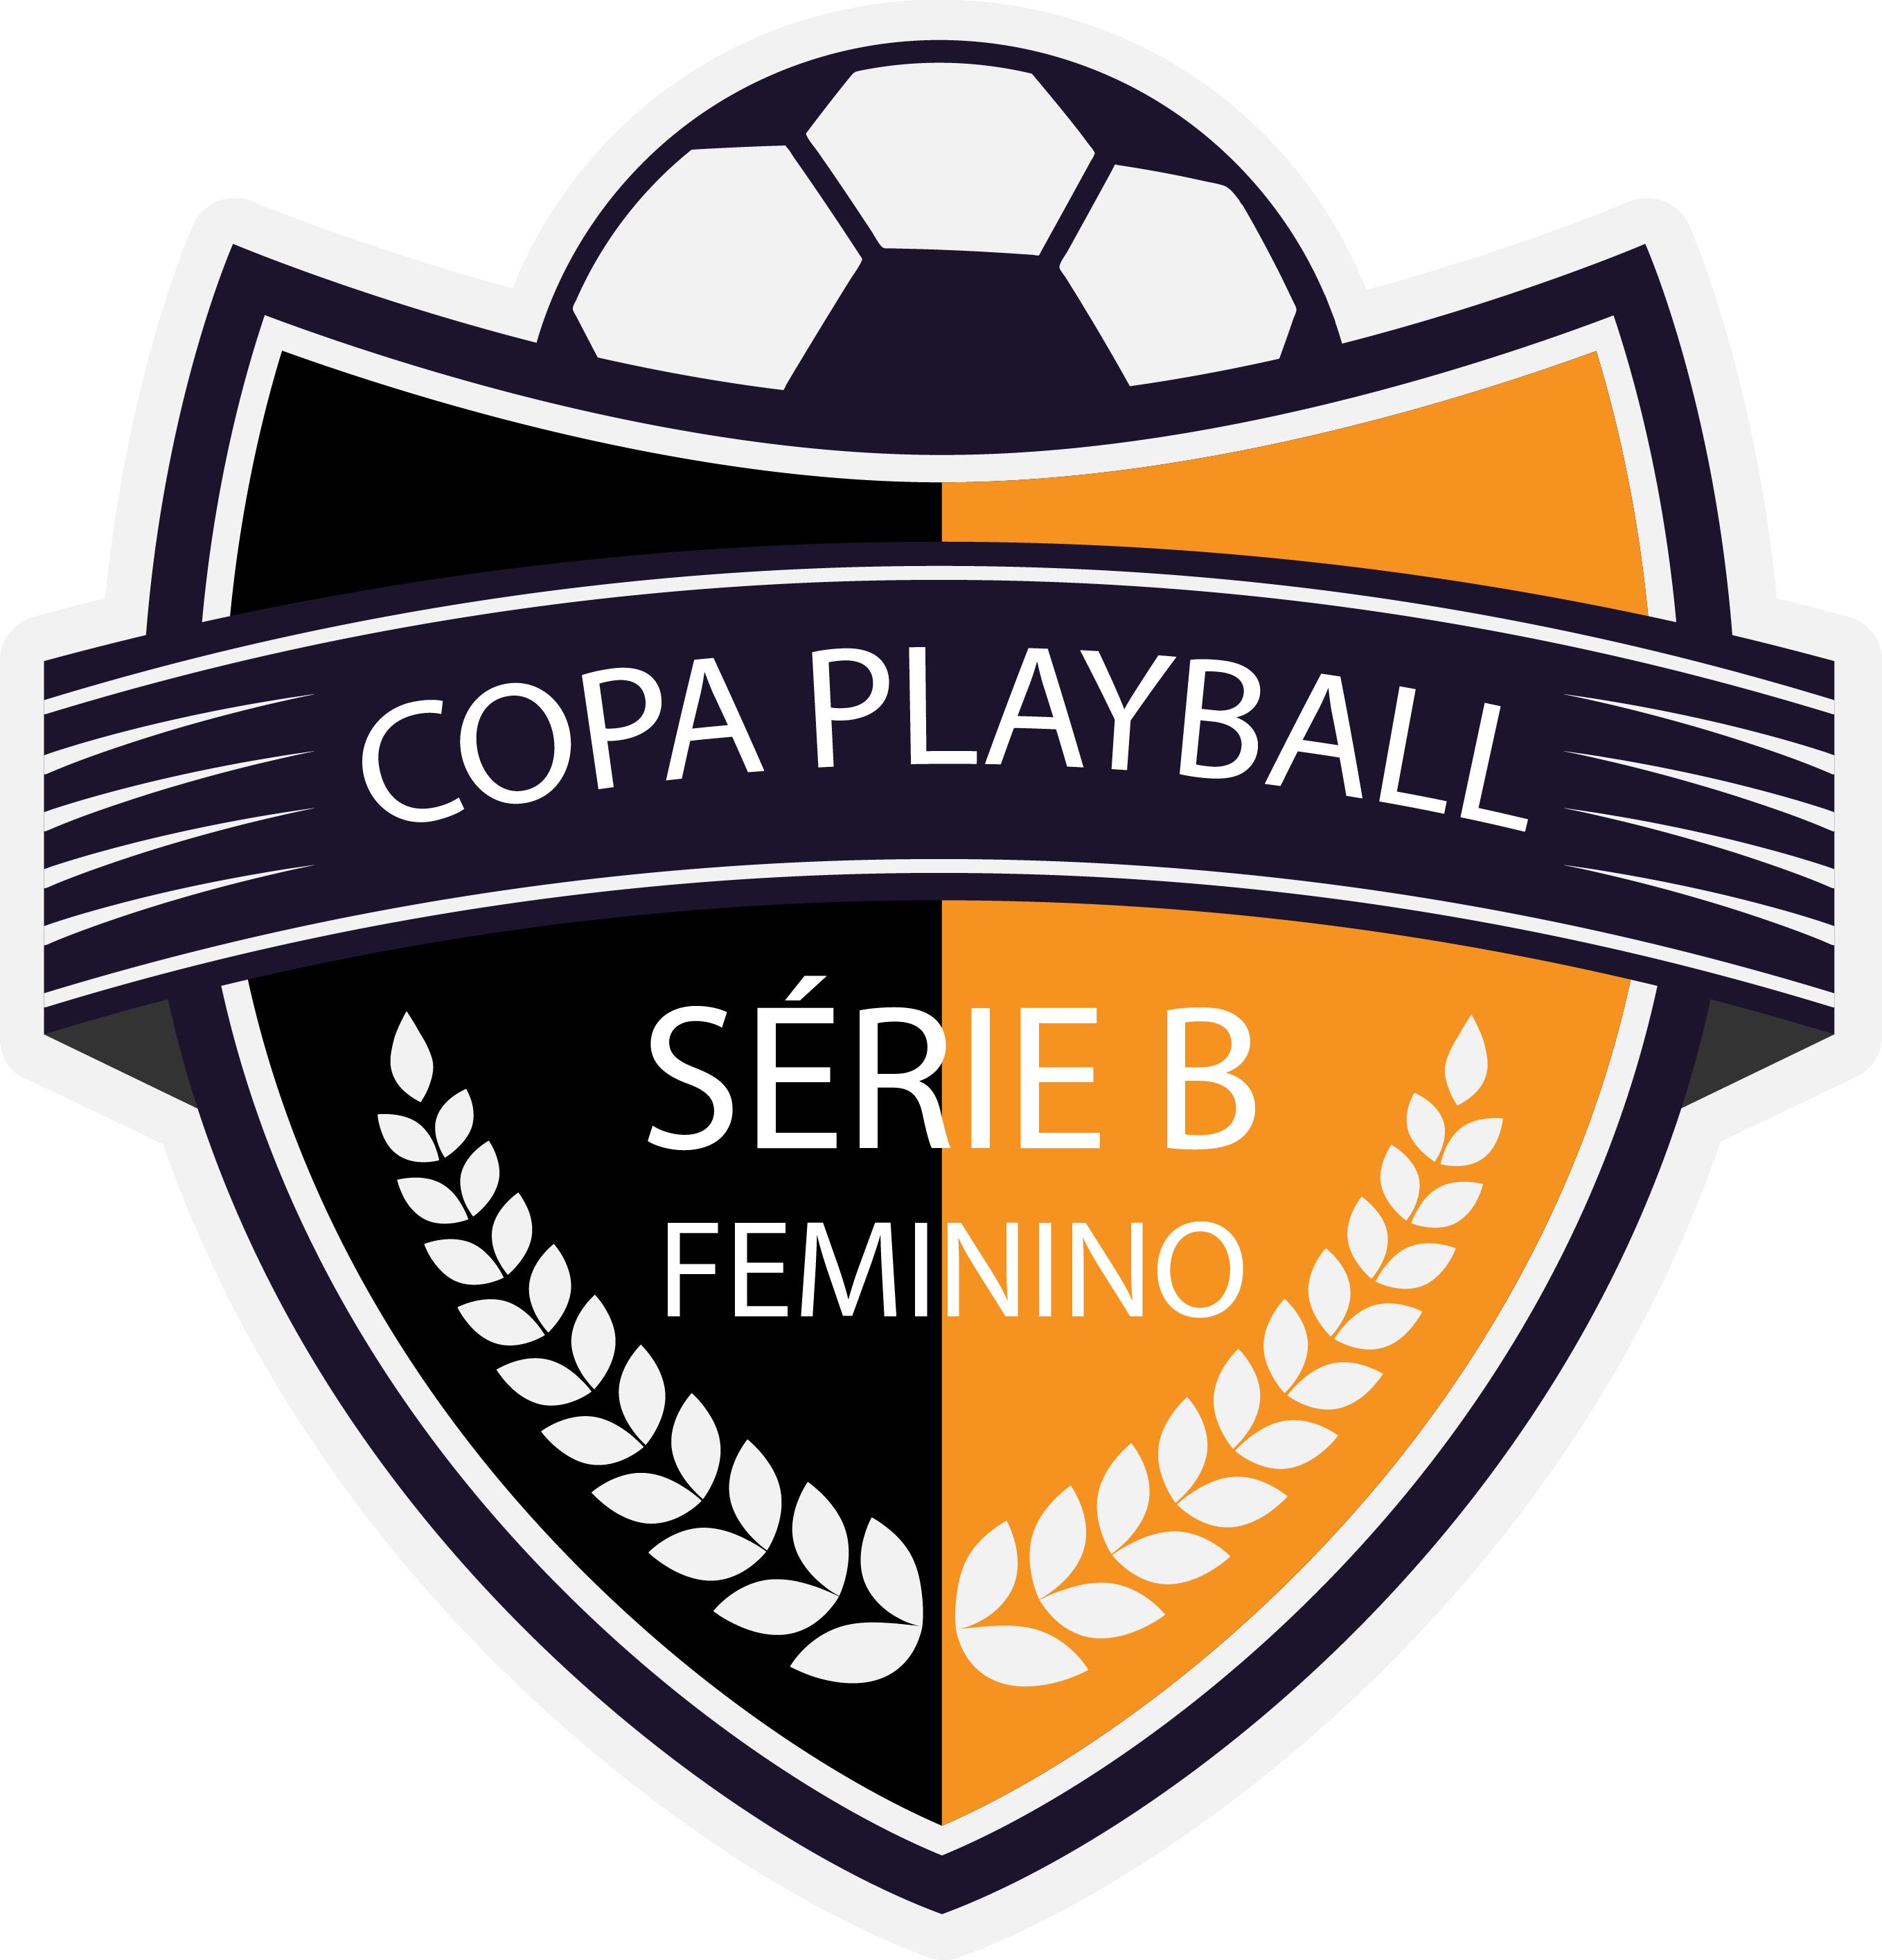 V Copa playball Pompeia Série B